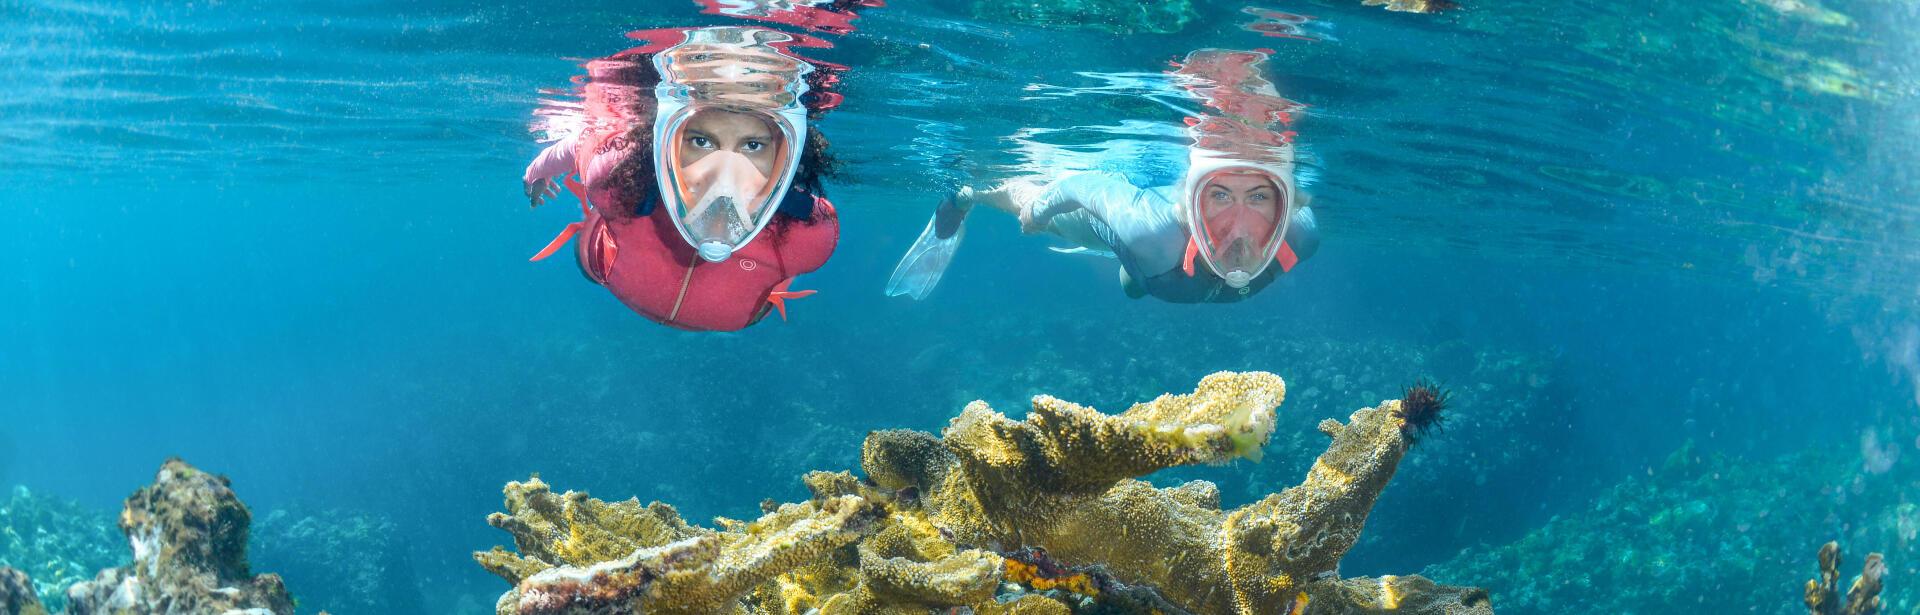 snorkeling e apneia